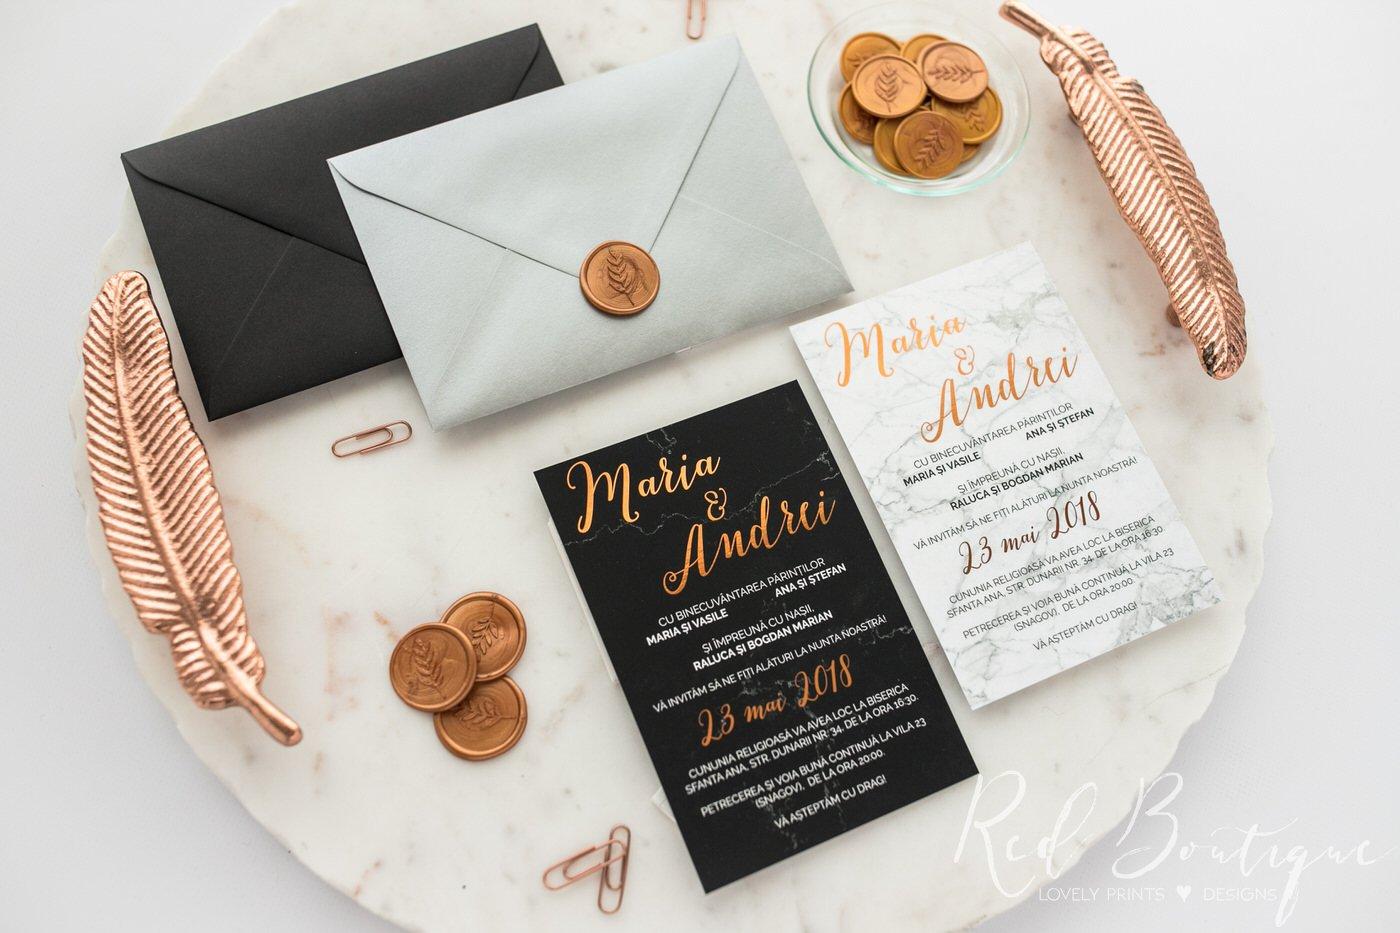 invitatie personalizata cu text rose gold si plic elegant negru sau argintiu cu sigiliu